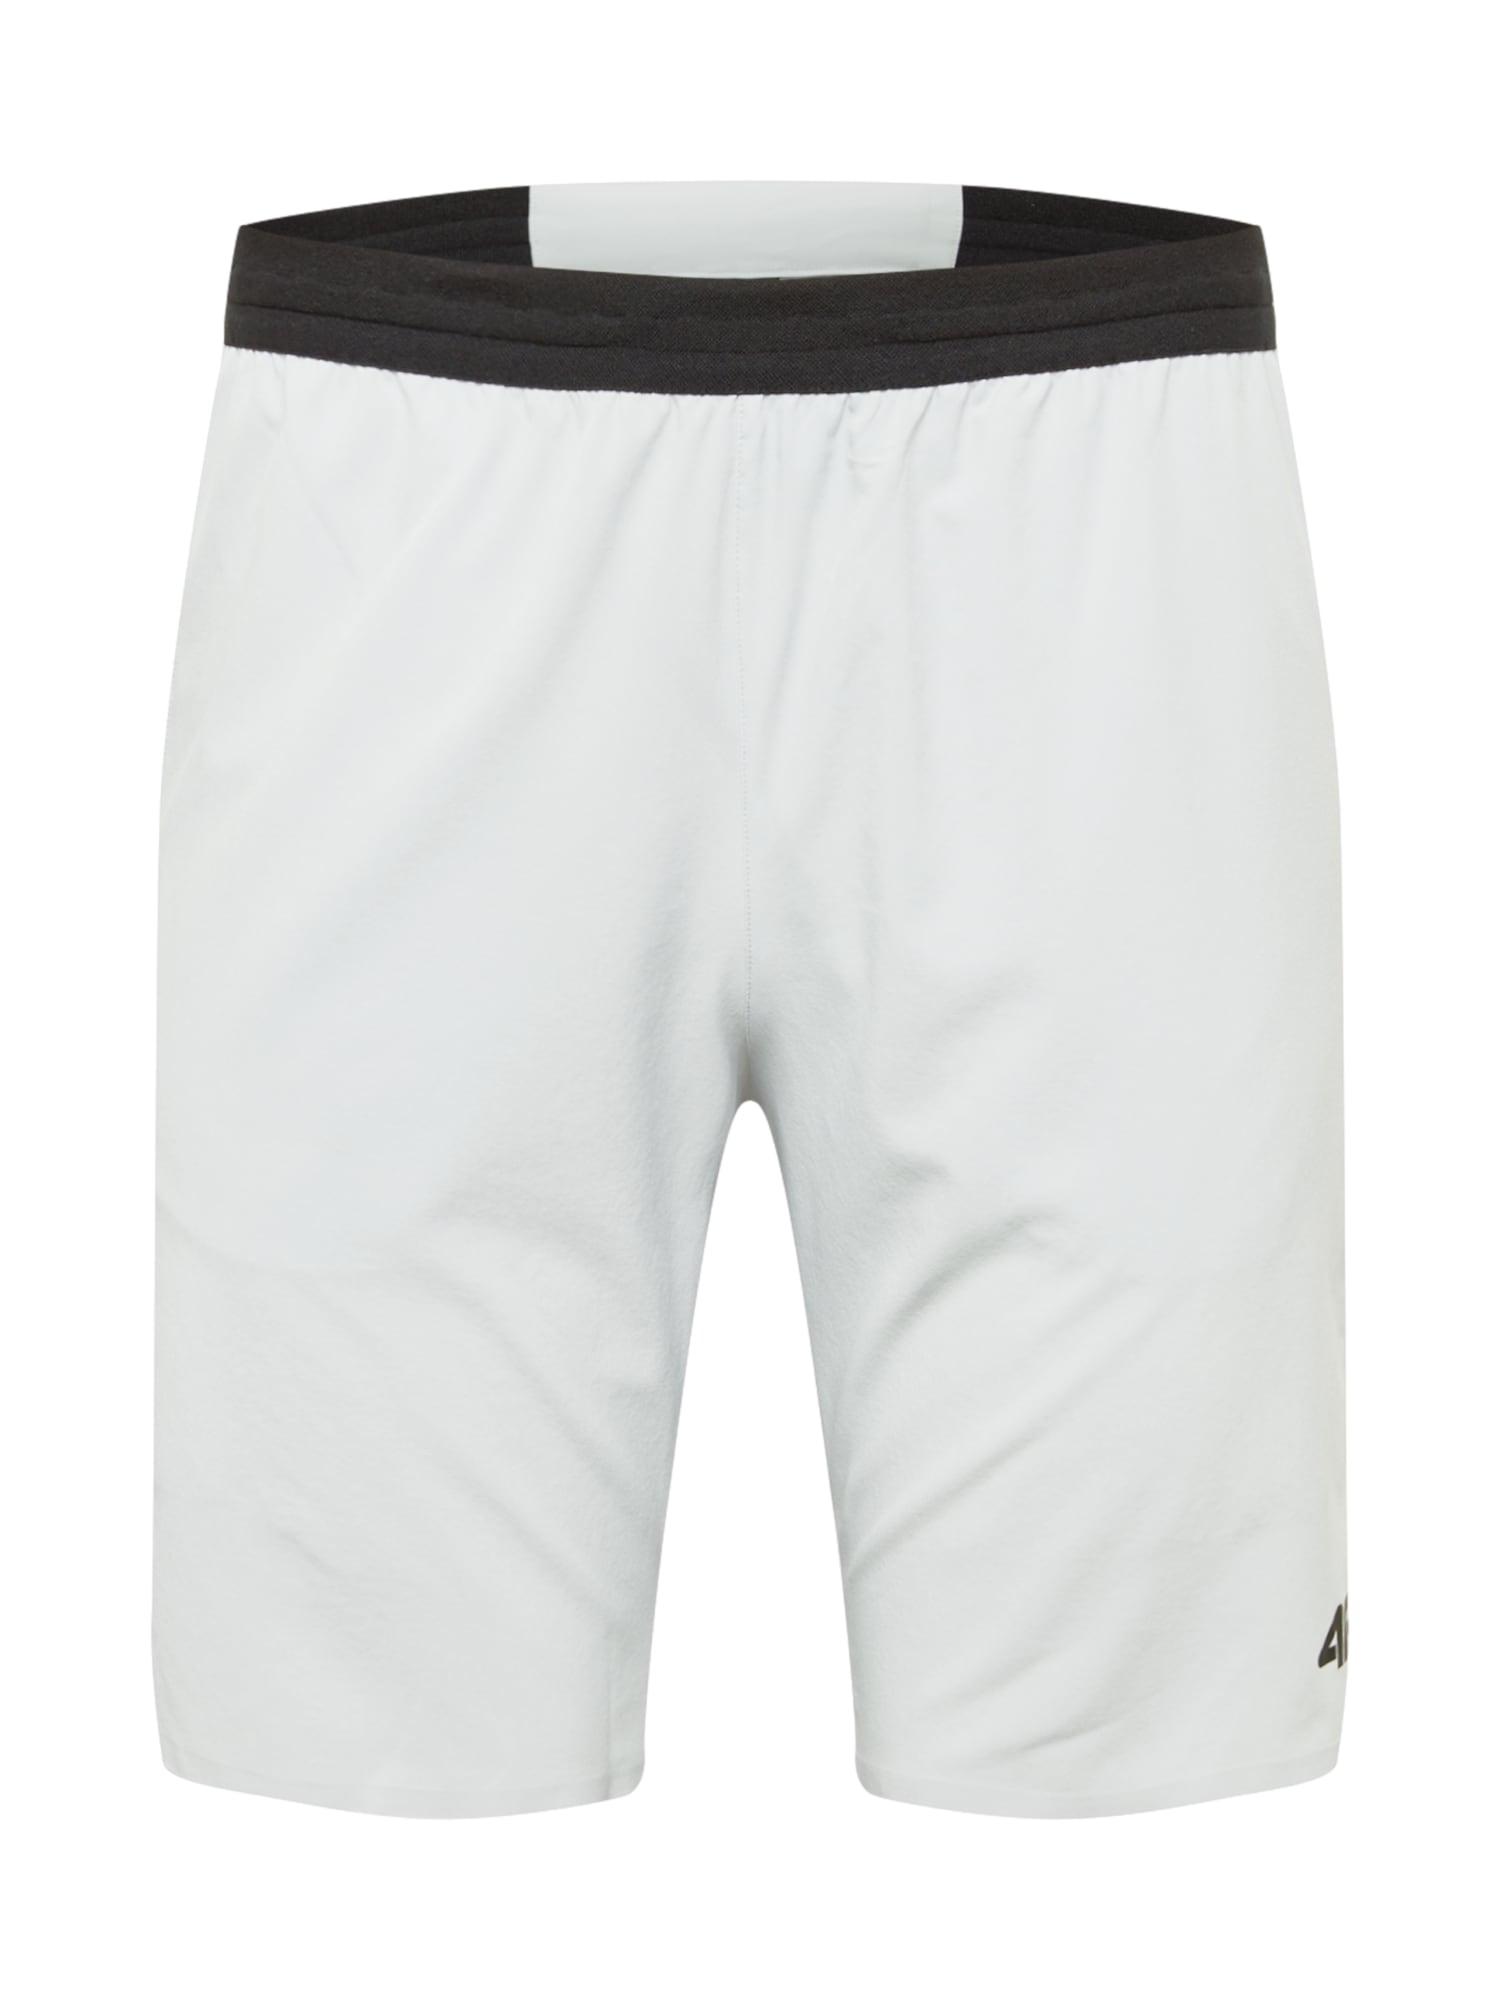 4F Sportovní kalhoty  světle šedá